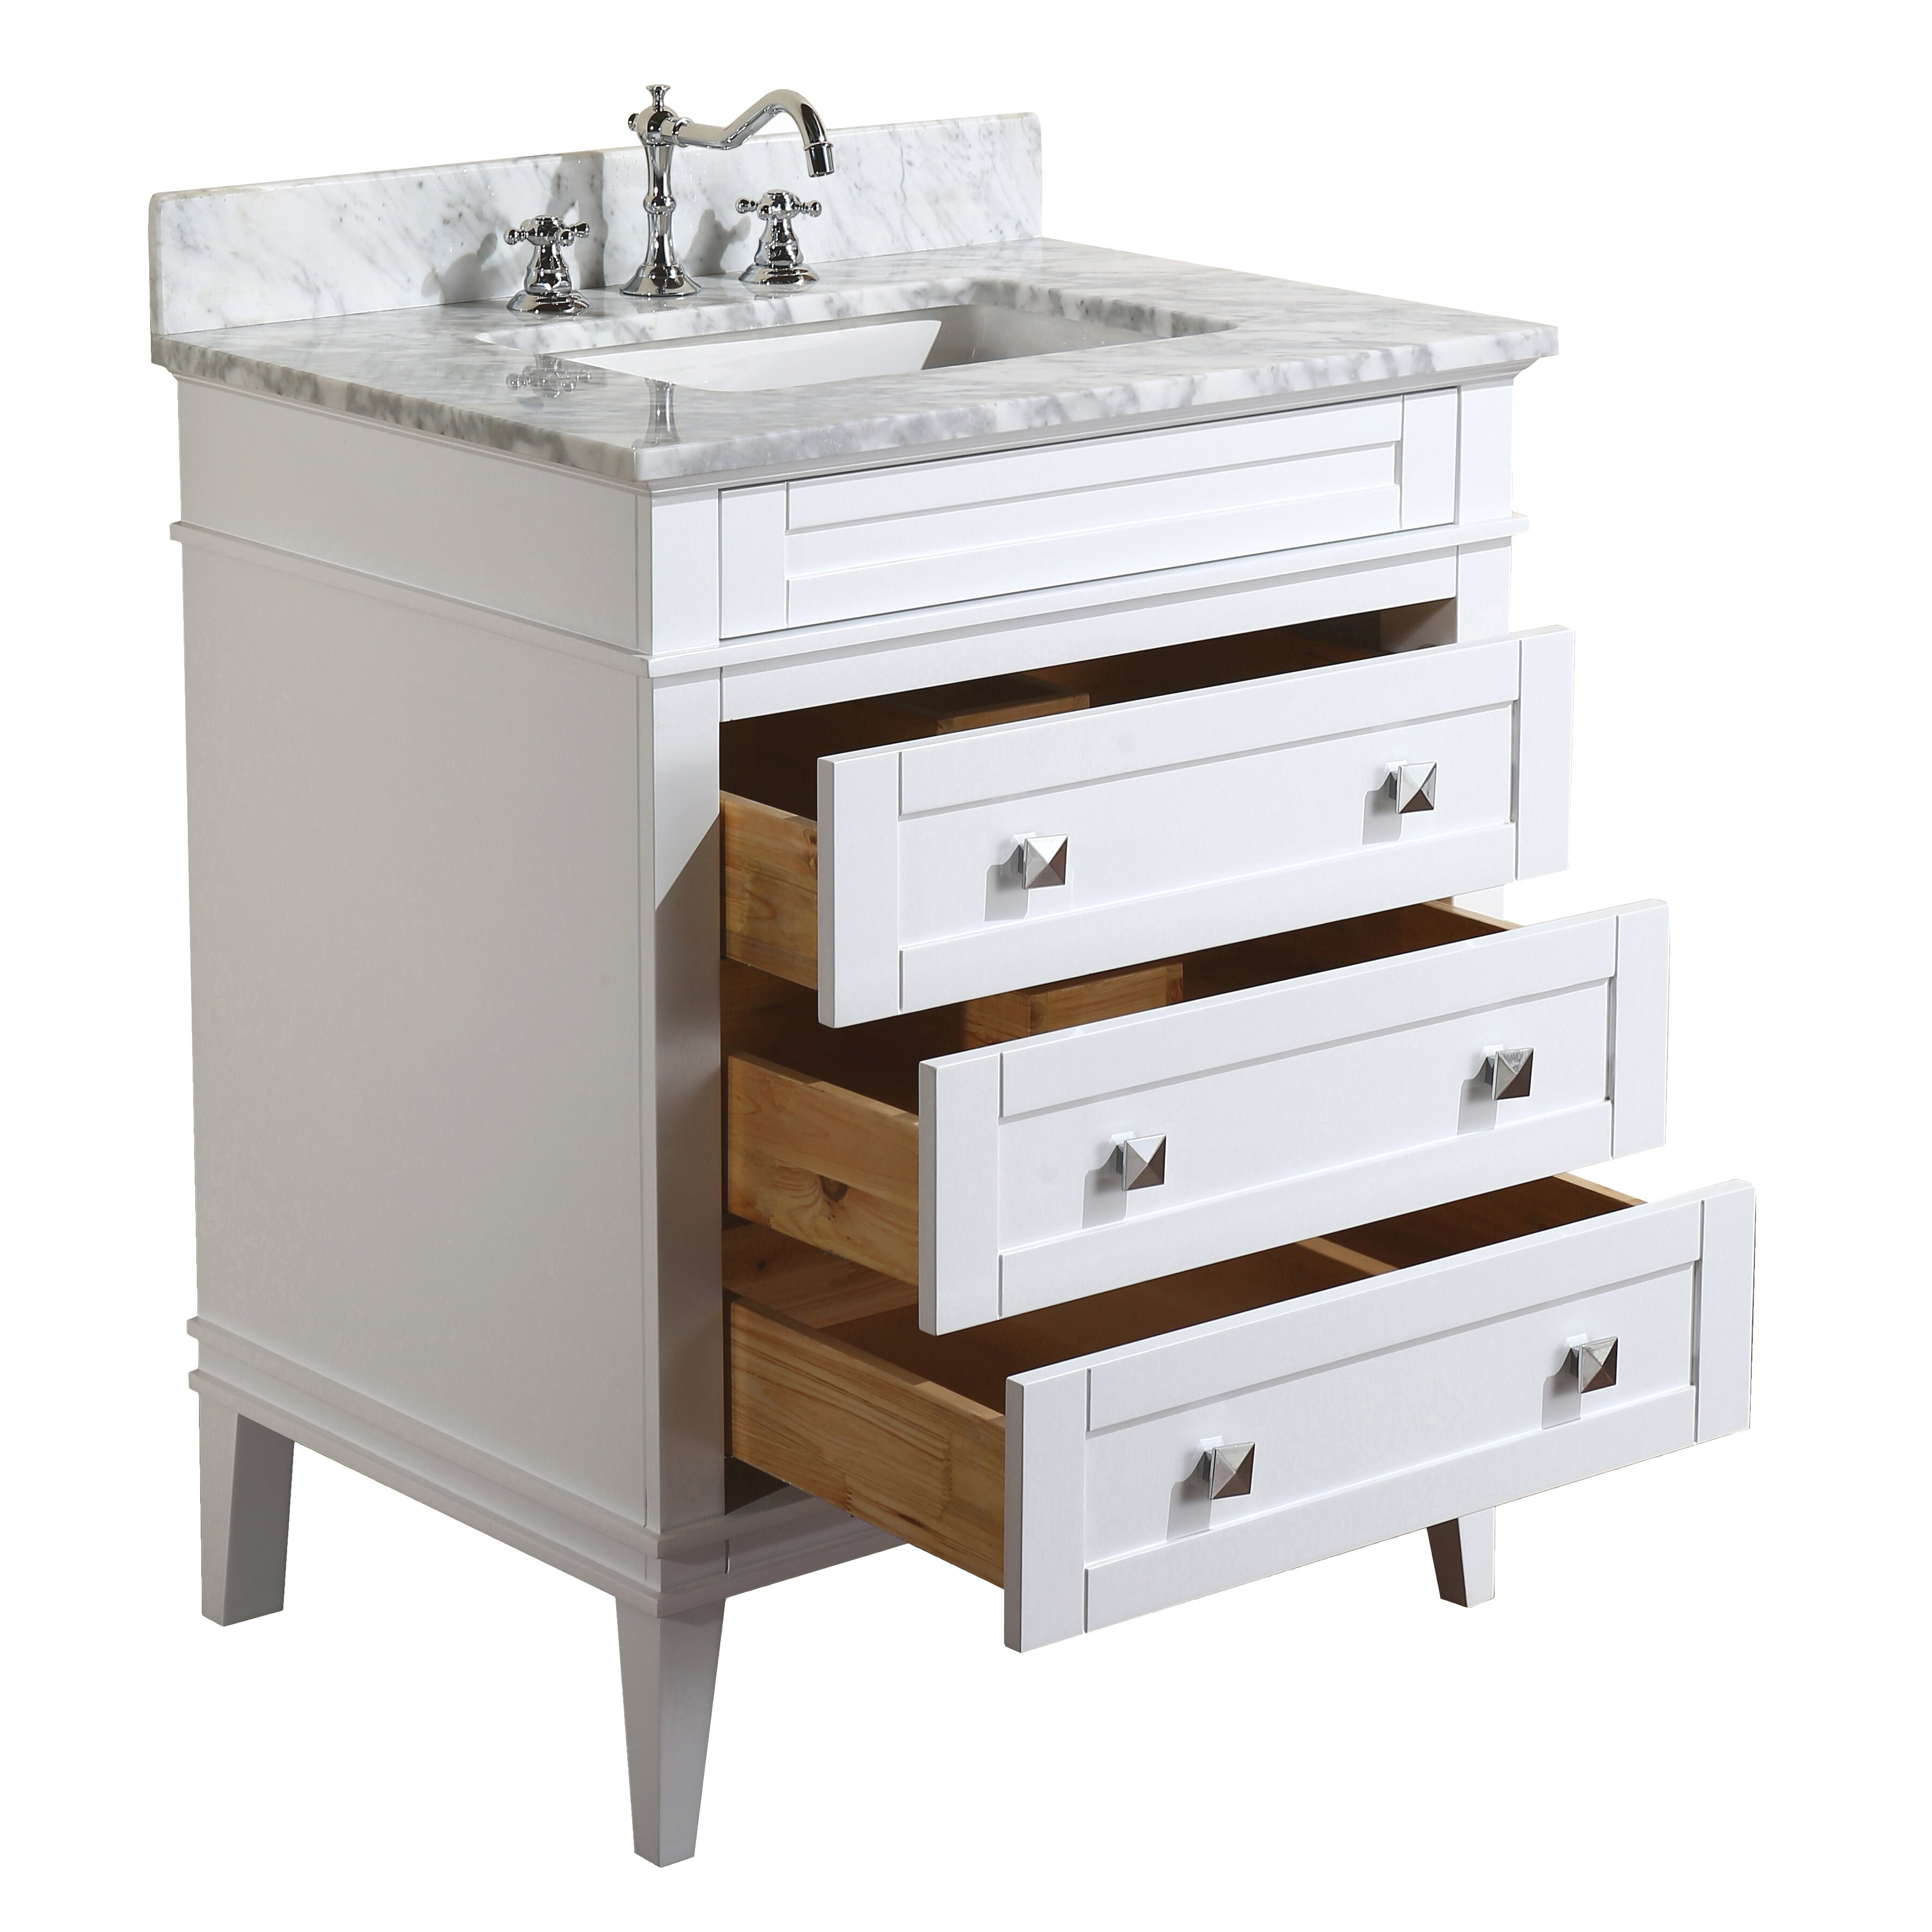 30 Bathroom Cabinet Kbc Eleanor 30 Single Bathroom Vanity Set Reviews Wayfair